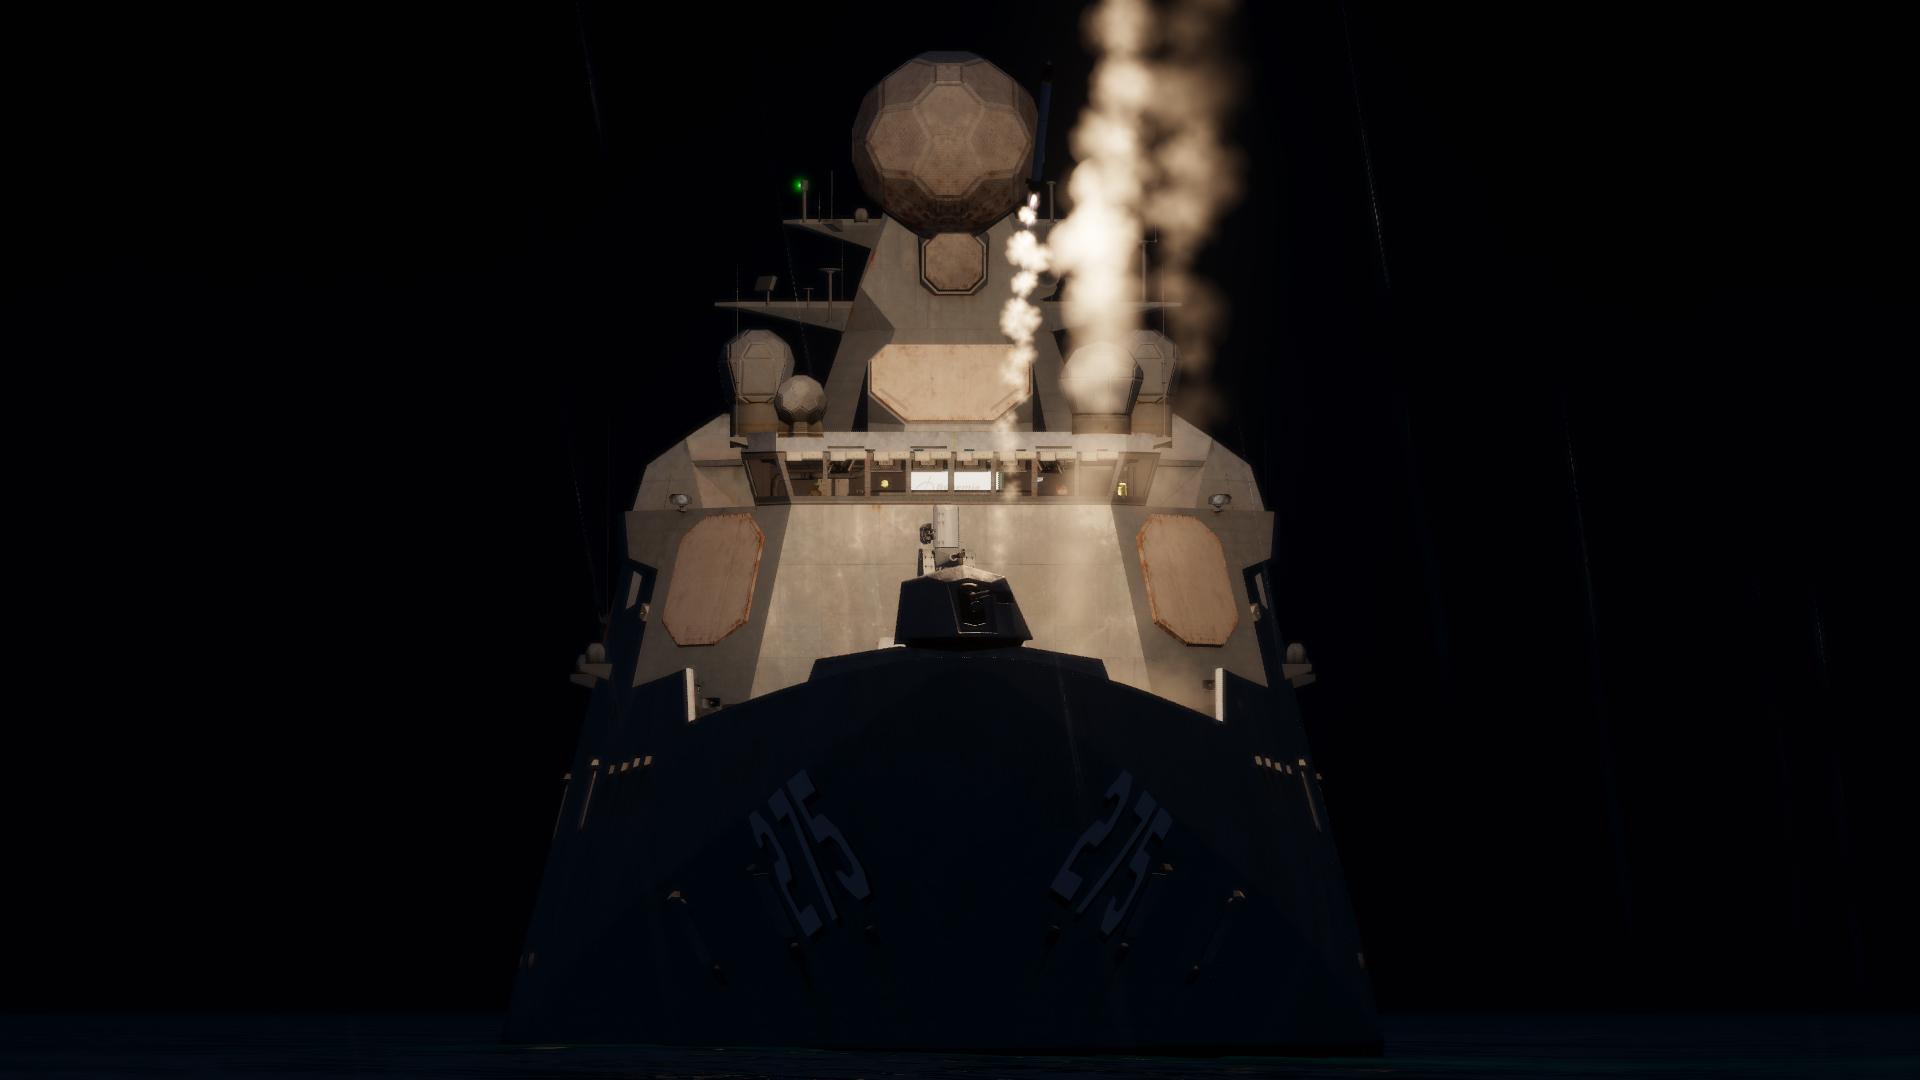 dev.arma3.com/assets/img/post/images/NATO_Destroyer_1.jpg